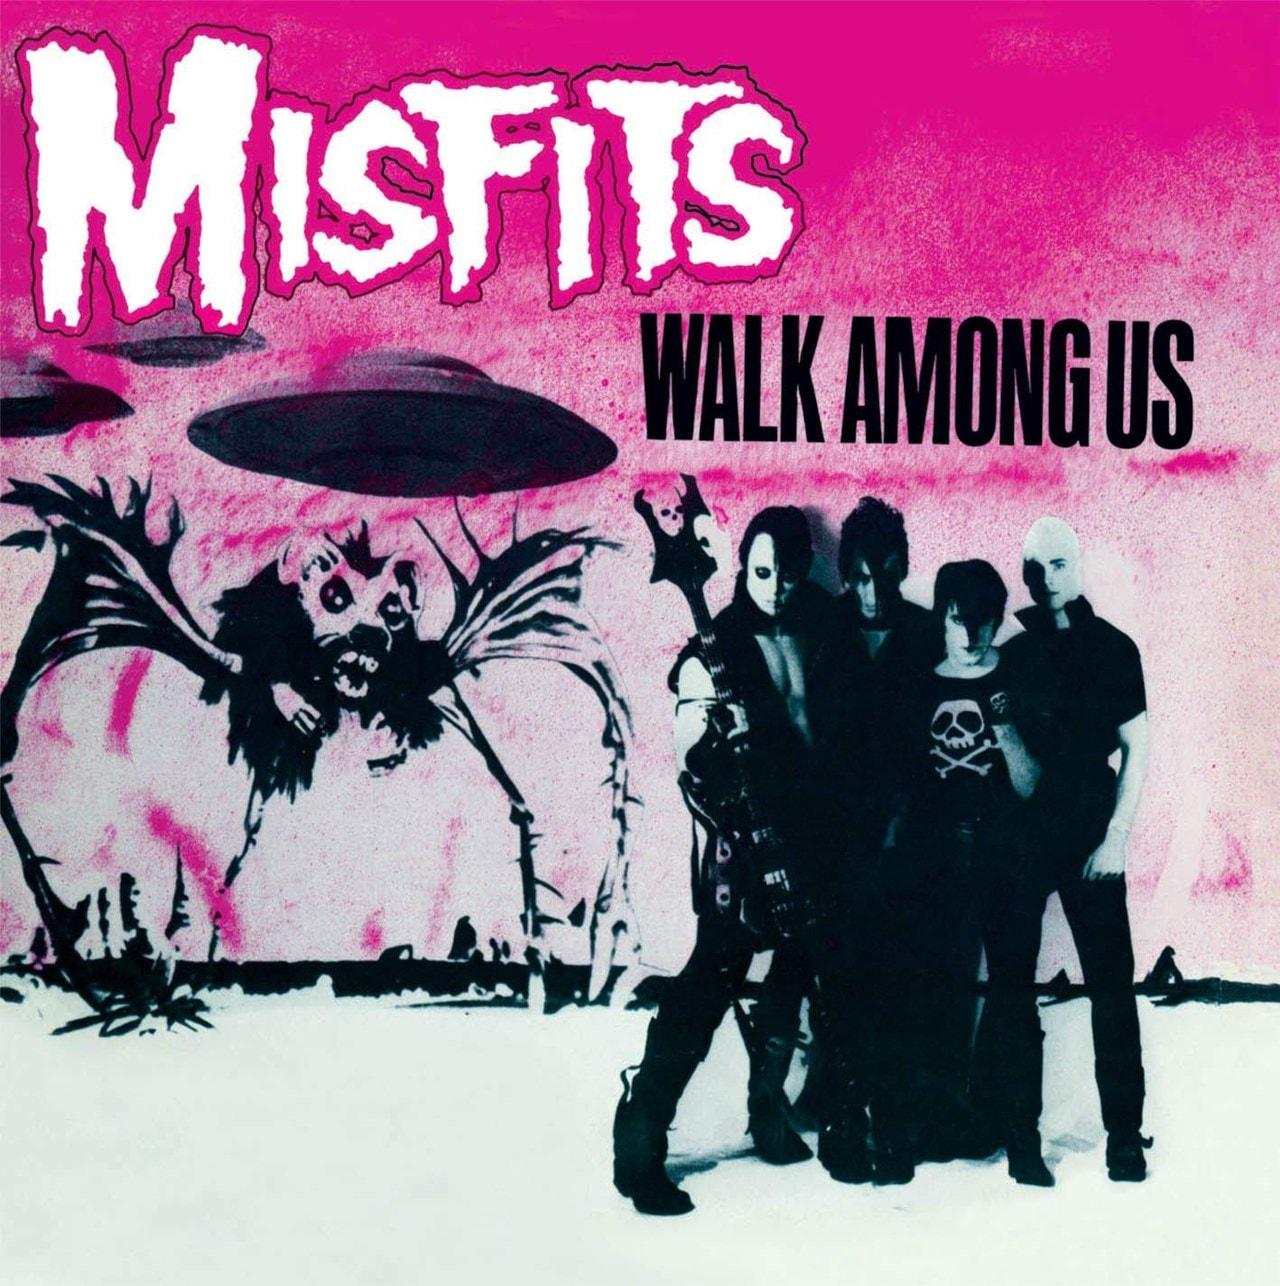 Walk Among Us - 1